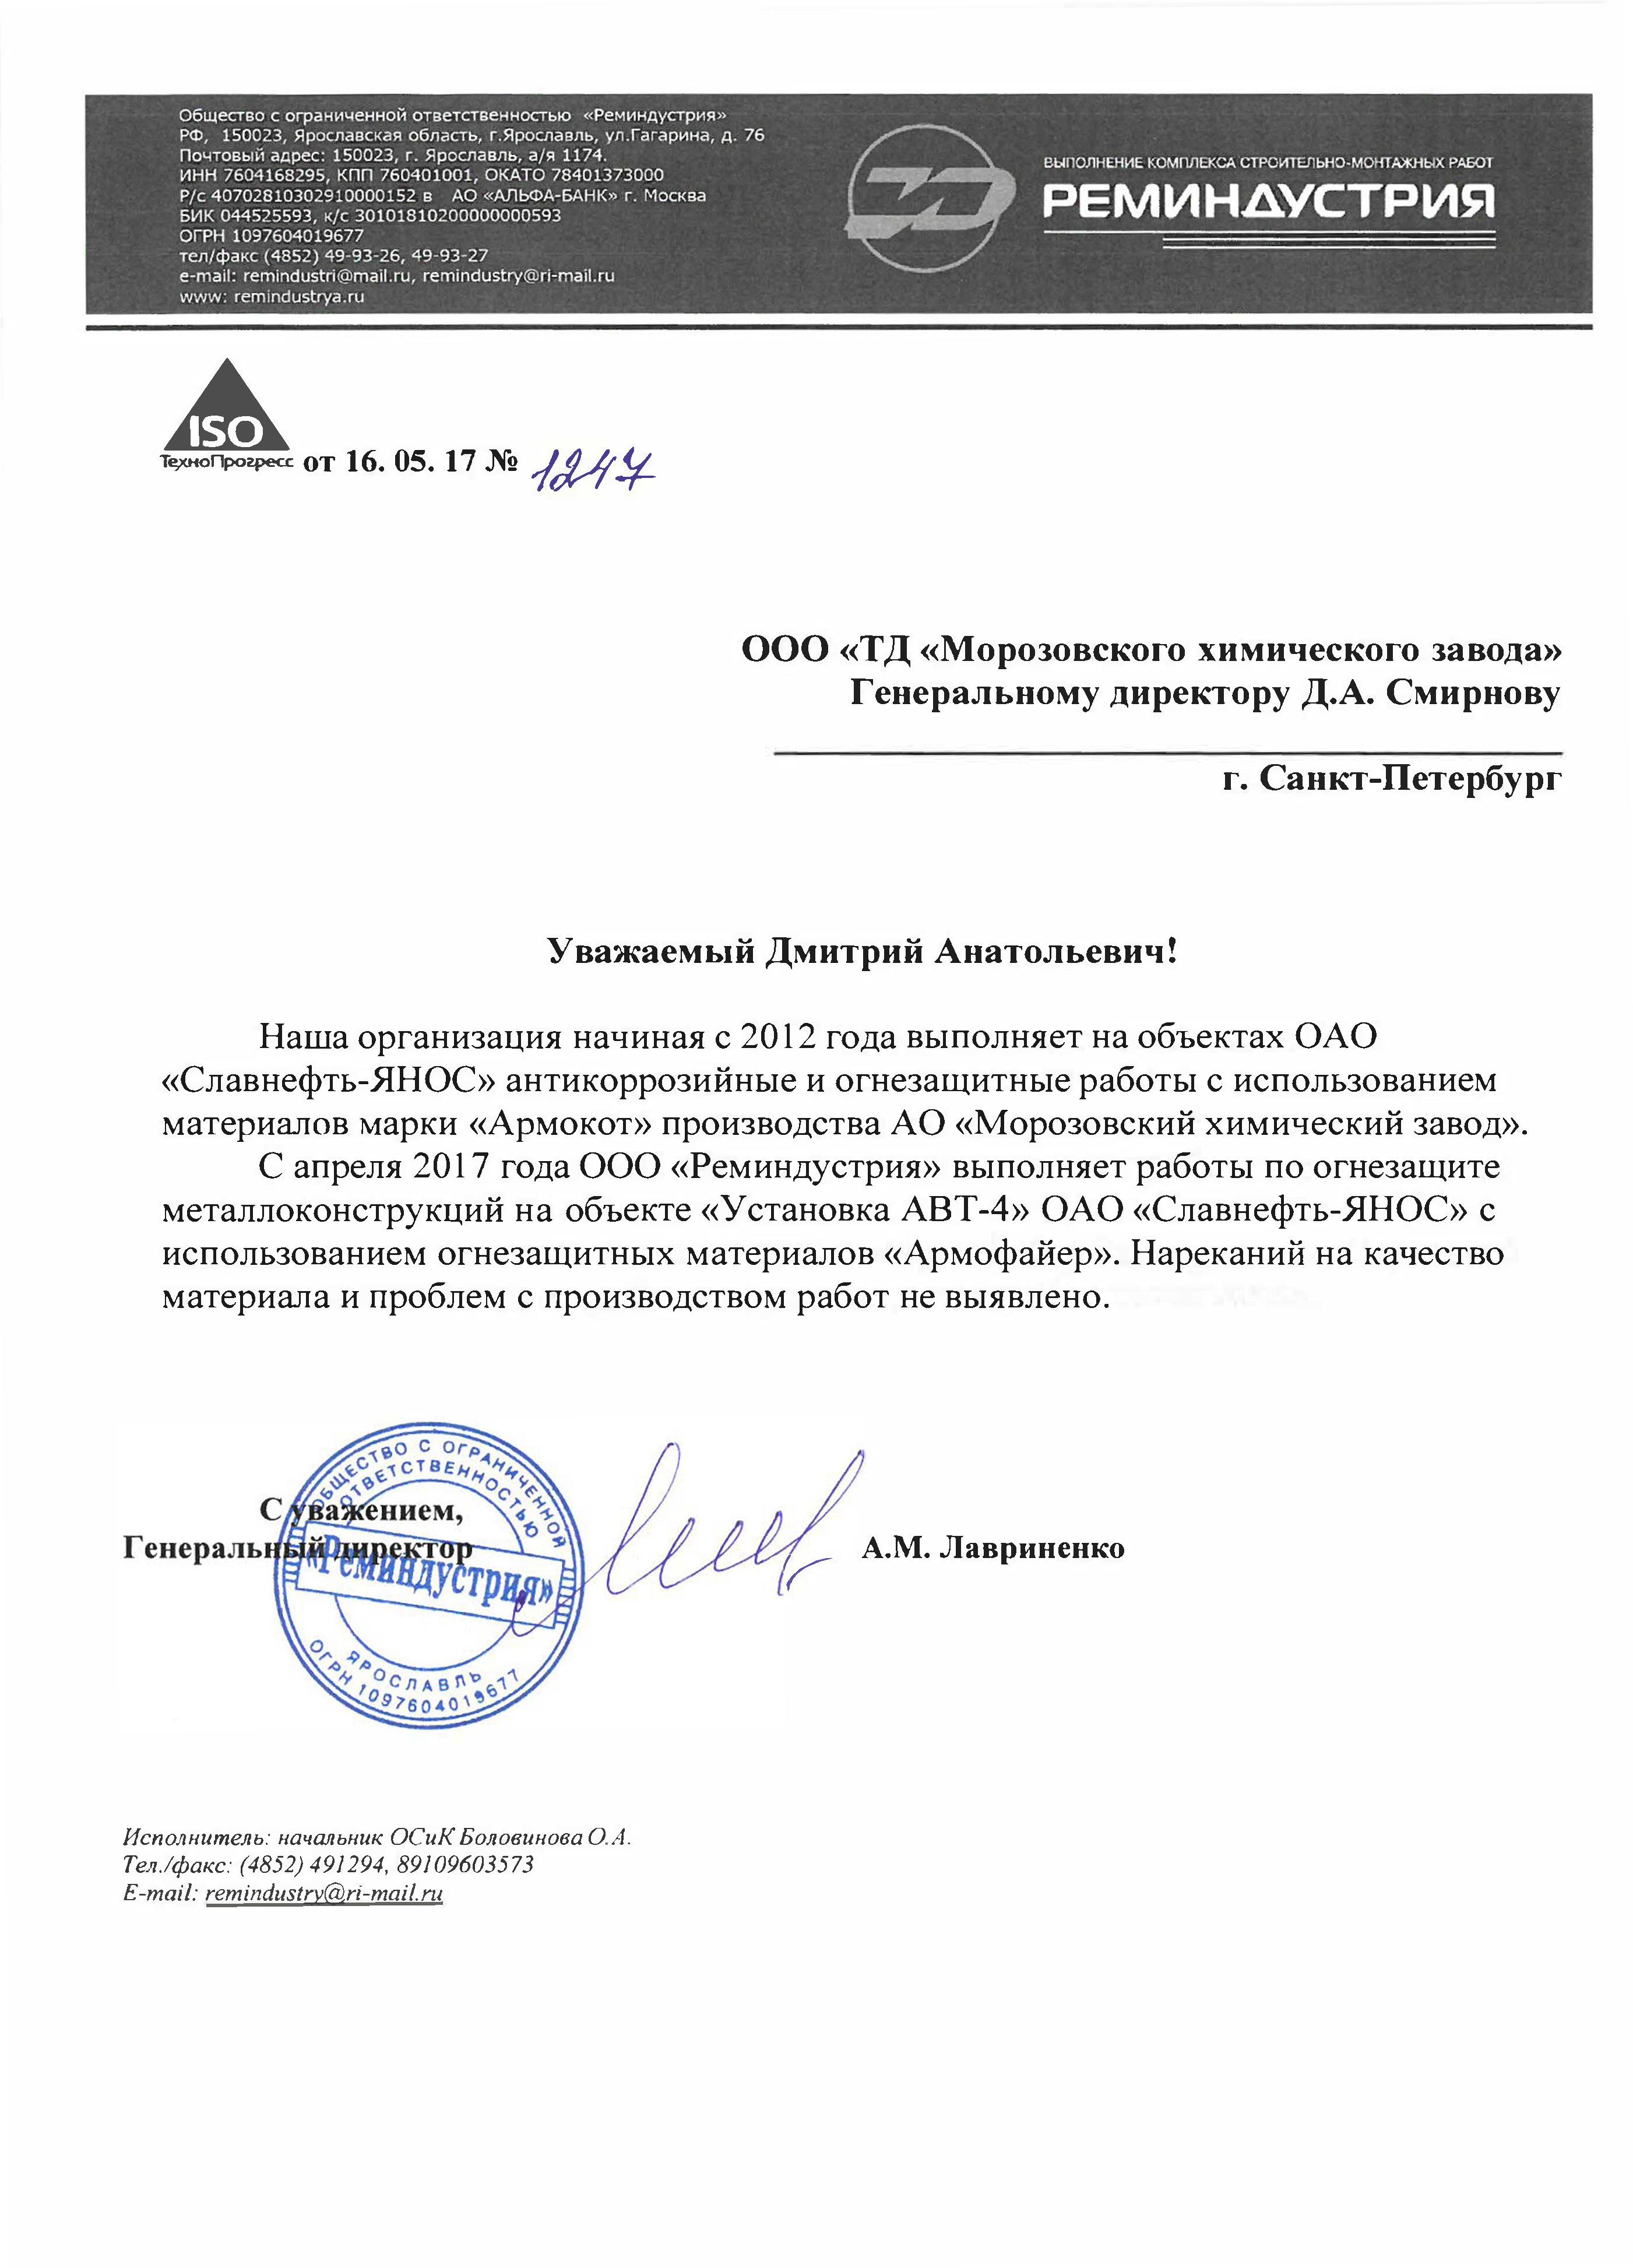 Отзыв Реминдутрия Армофйер